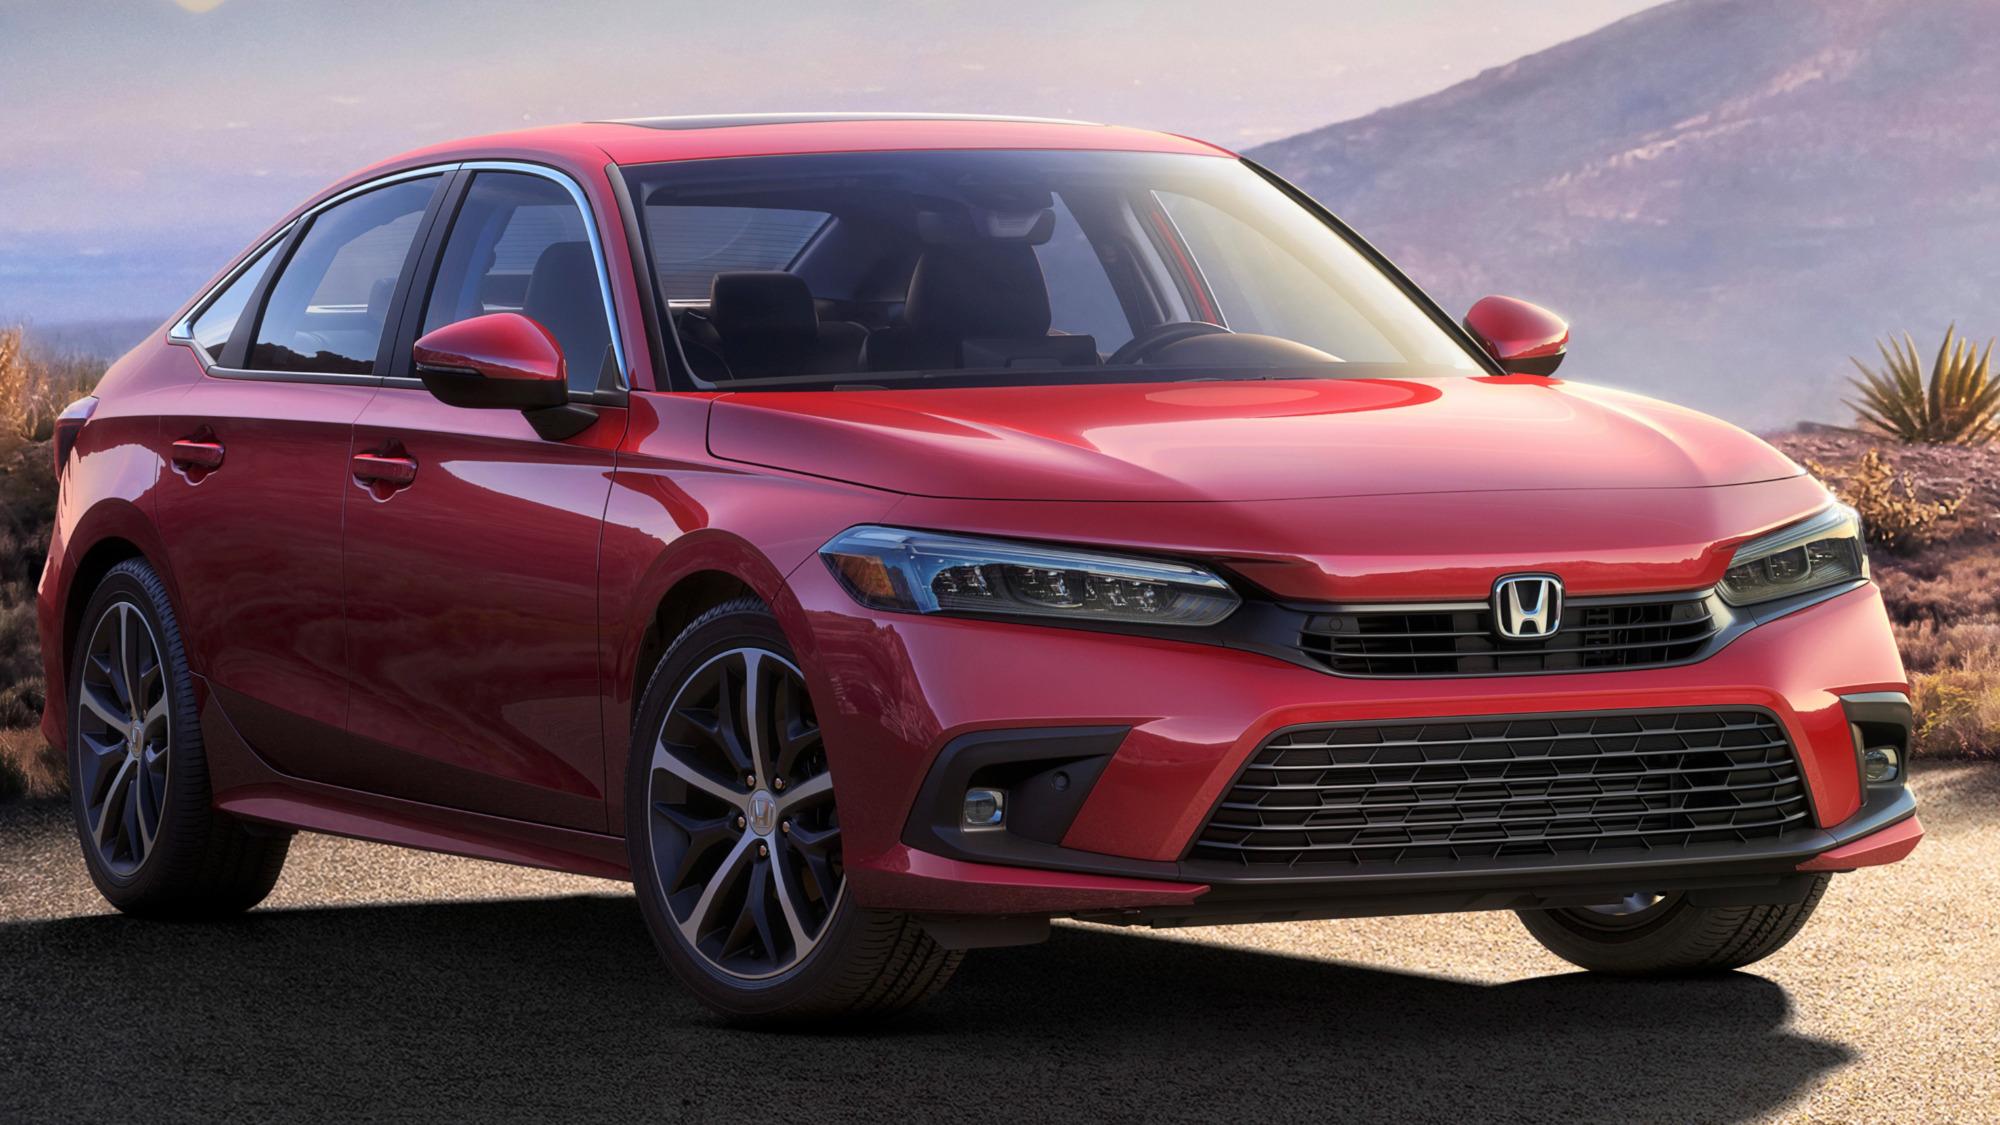 Versão Touring é o topo-de-linha do novo Honda Civic 2022